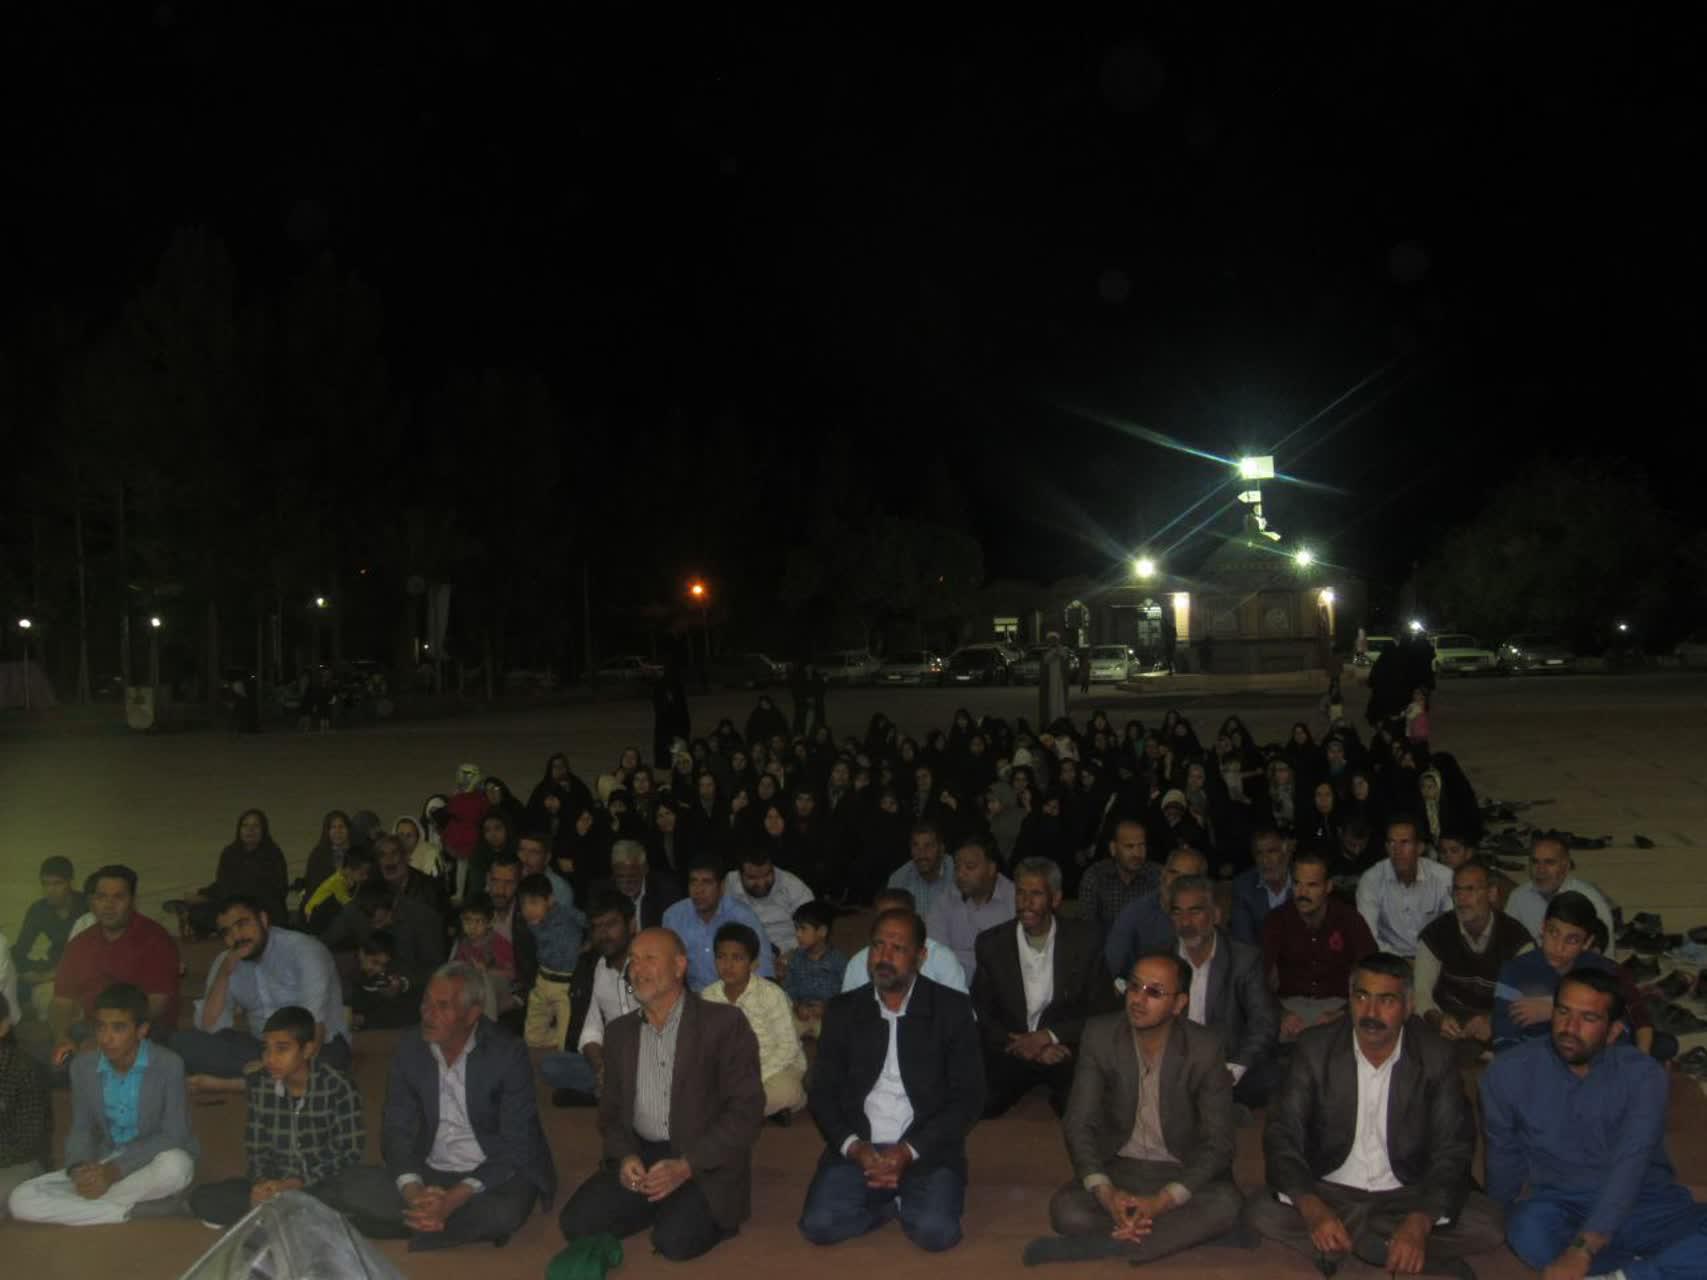 مراسم جشن میلاد امام زمان(عج) در شام نیمه شعبان  در امامزاده سید جلال الدین اشرف